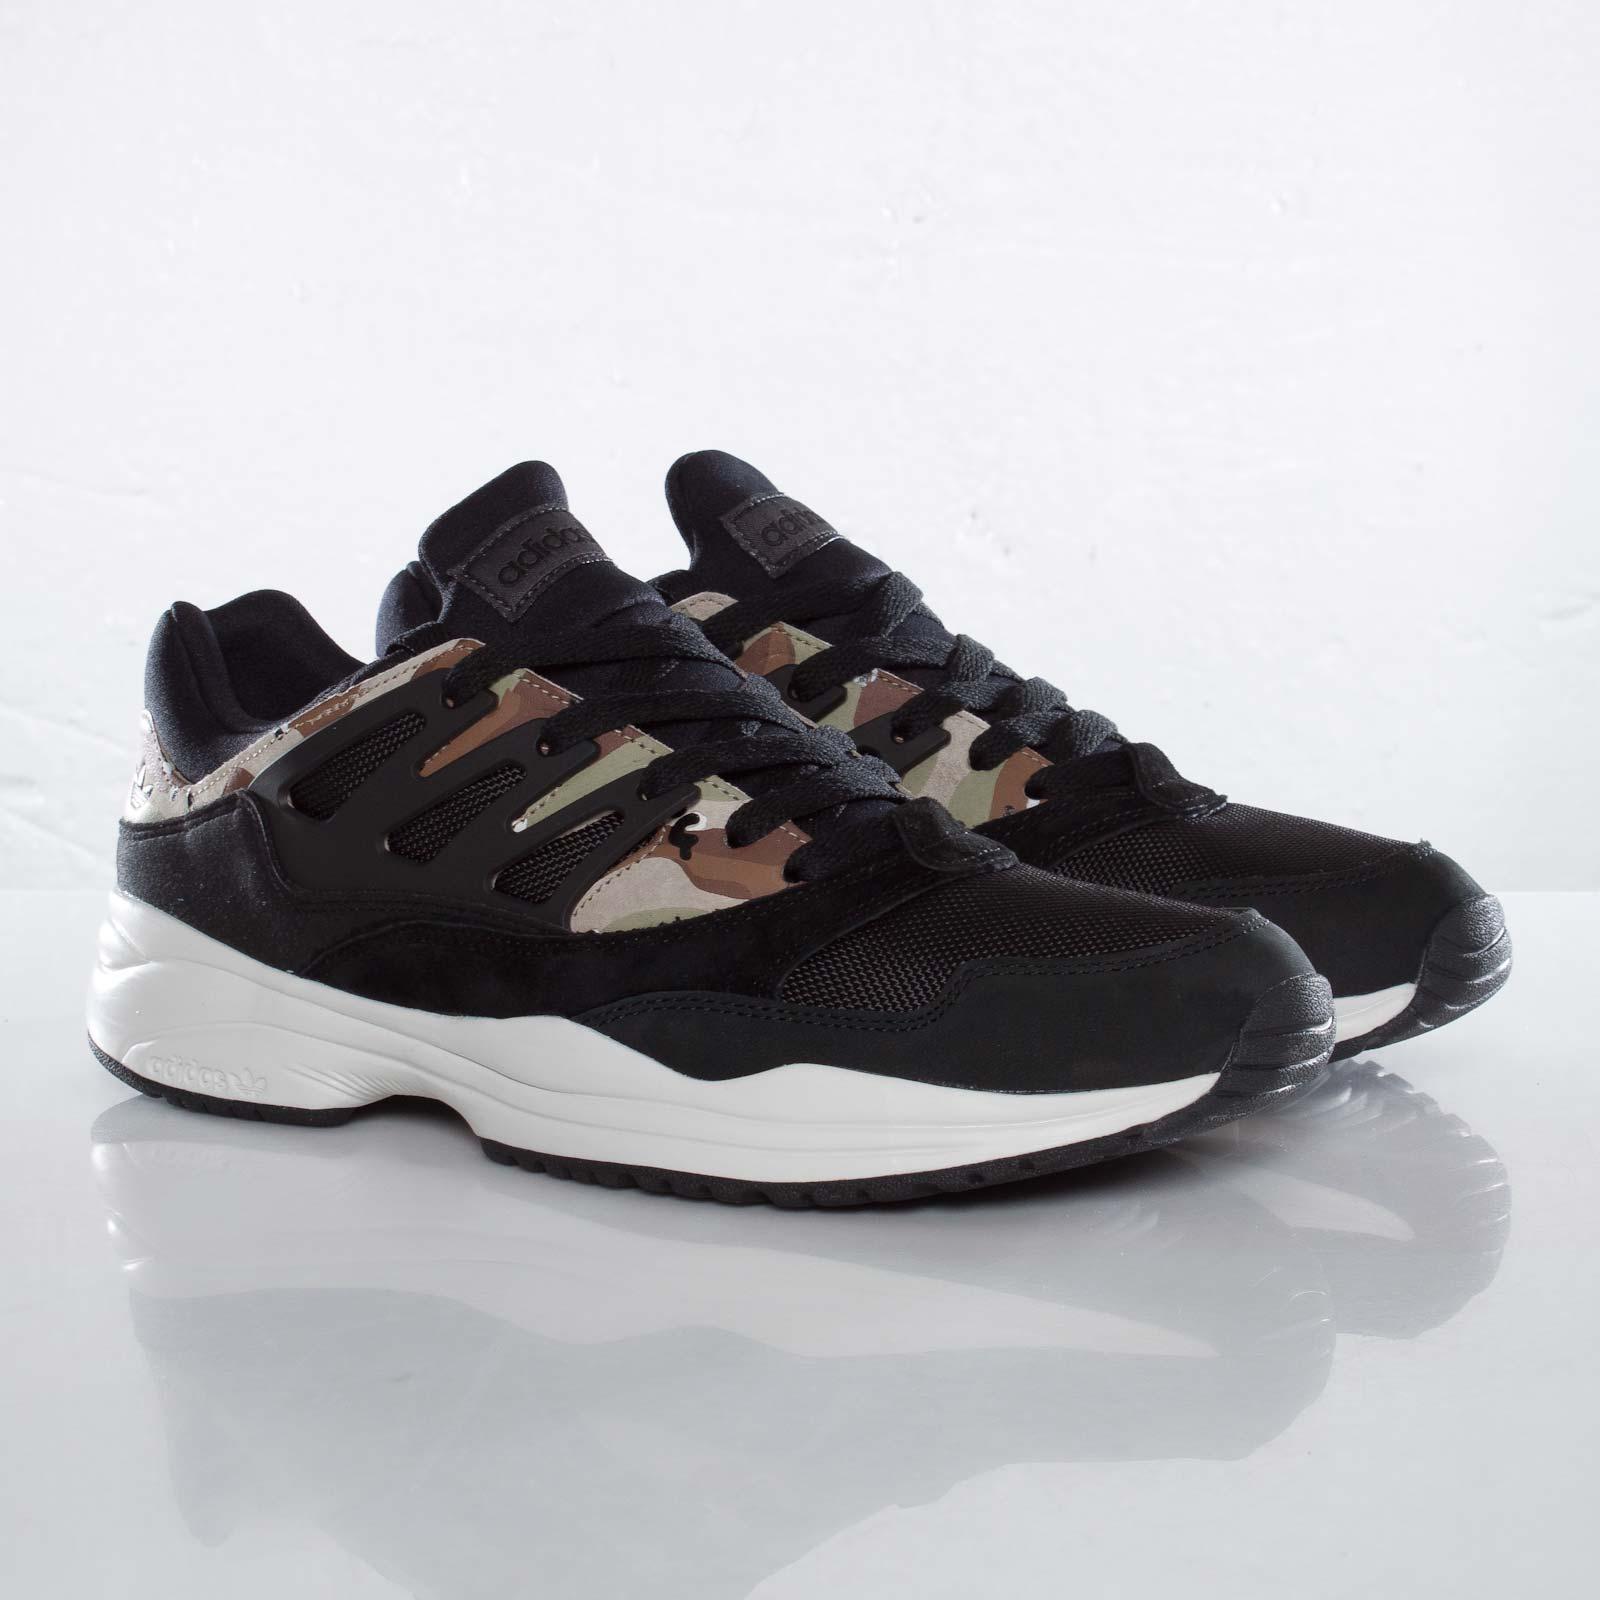 7d52537dc8b2 adidas Torsion Allegra X - Q20348 - Sneakersnstuff